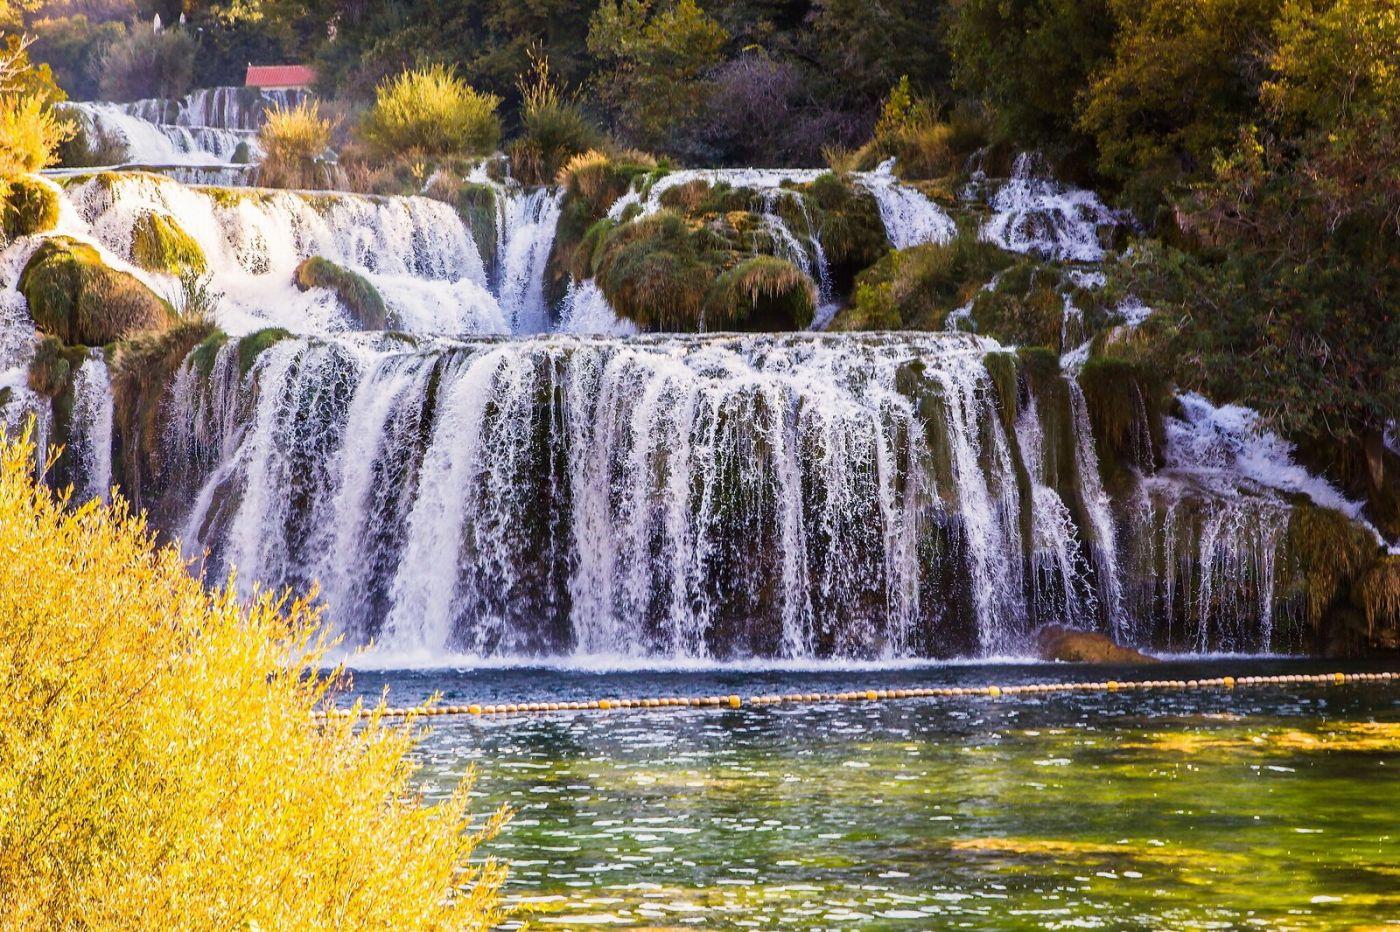 克罗地亚克尔卡国家公园(Krka National Park),瀑布瀑布瀑布_图1-7